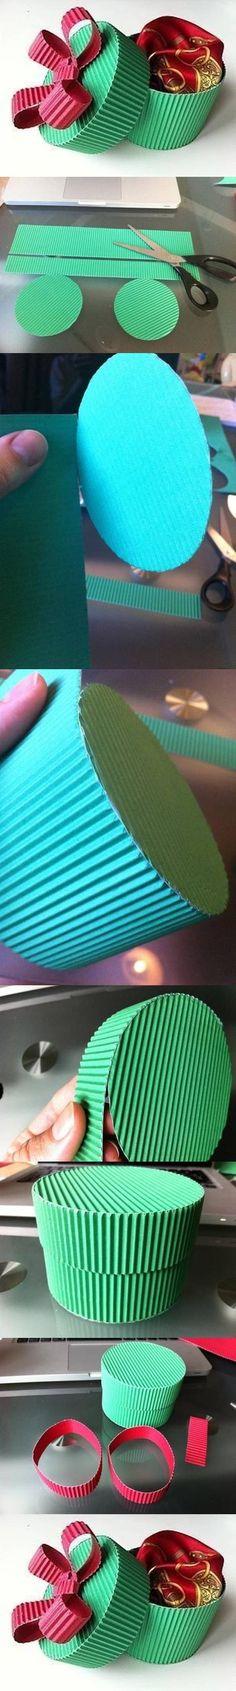 Caixa de presente de papelão DIY DIY presente do cartão caixa Usar CD velho de base.